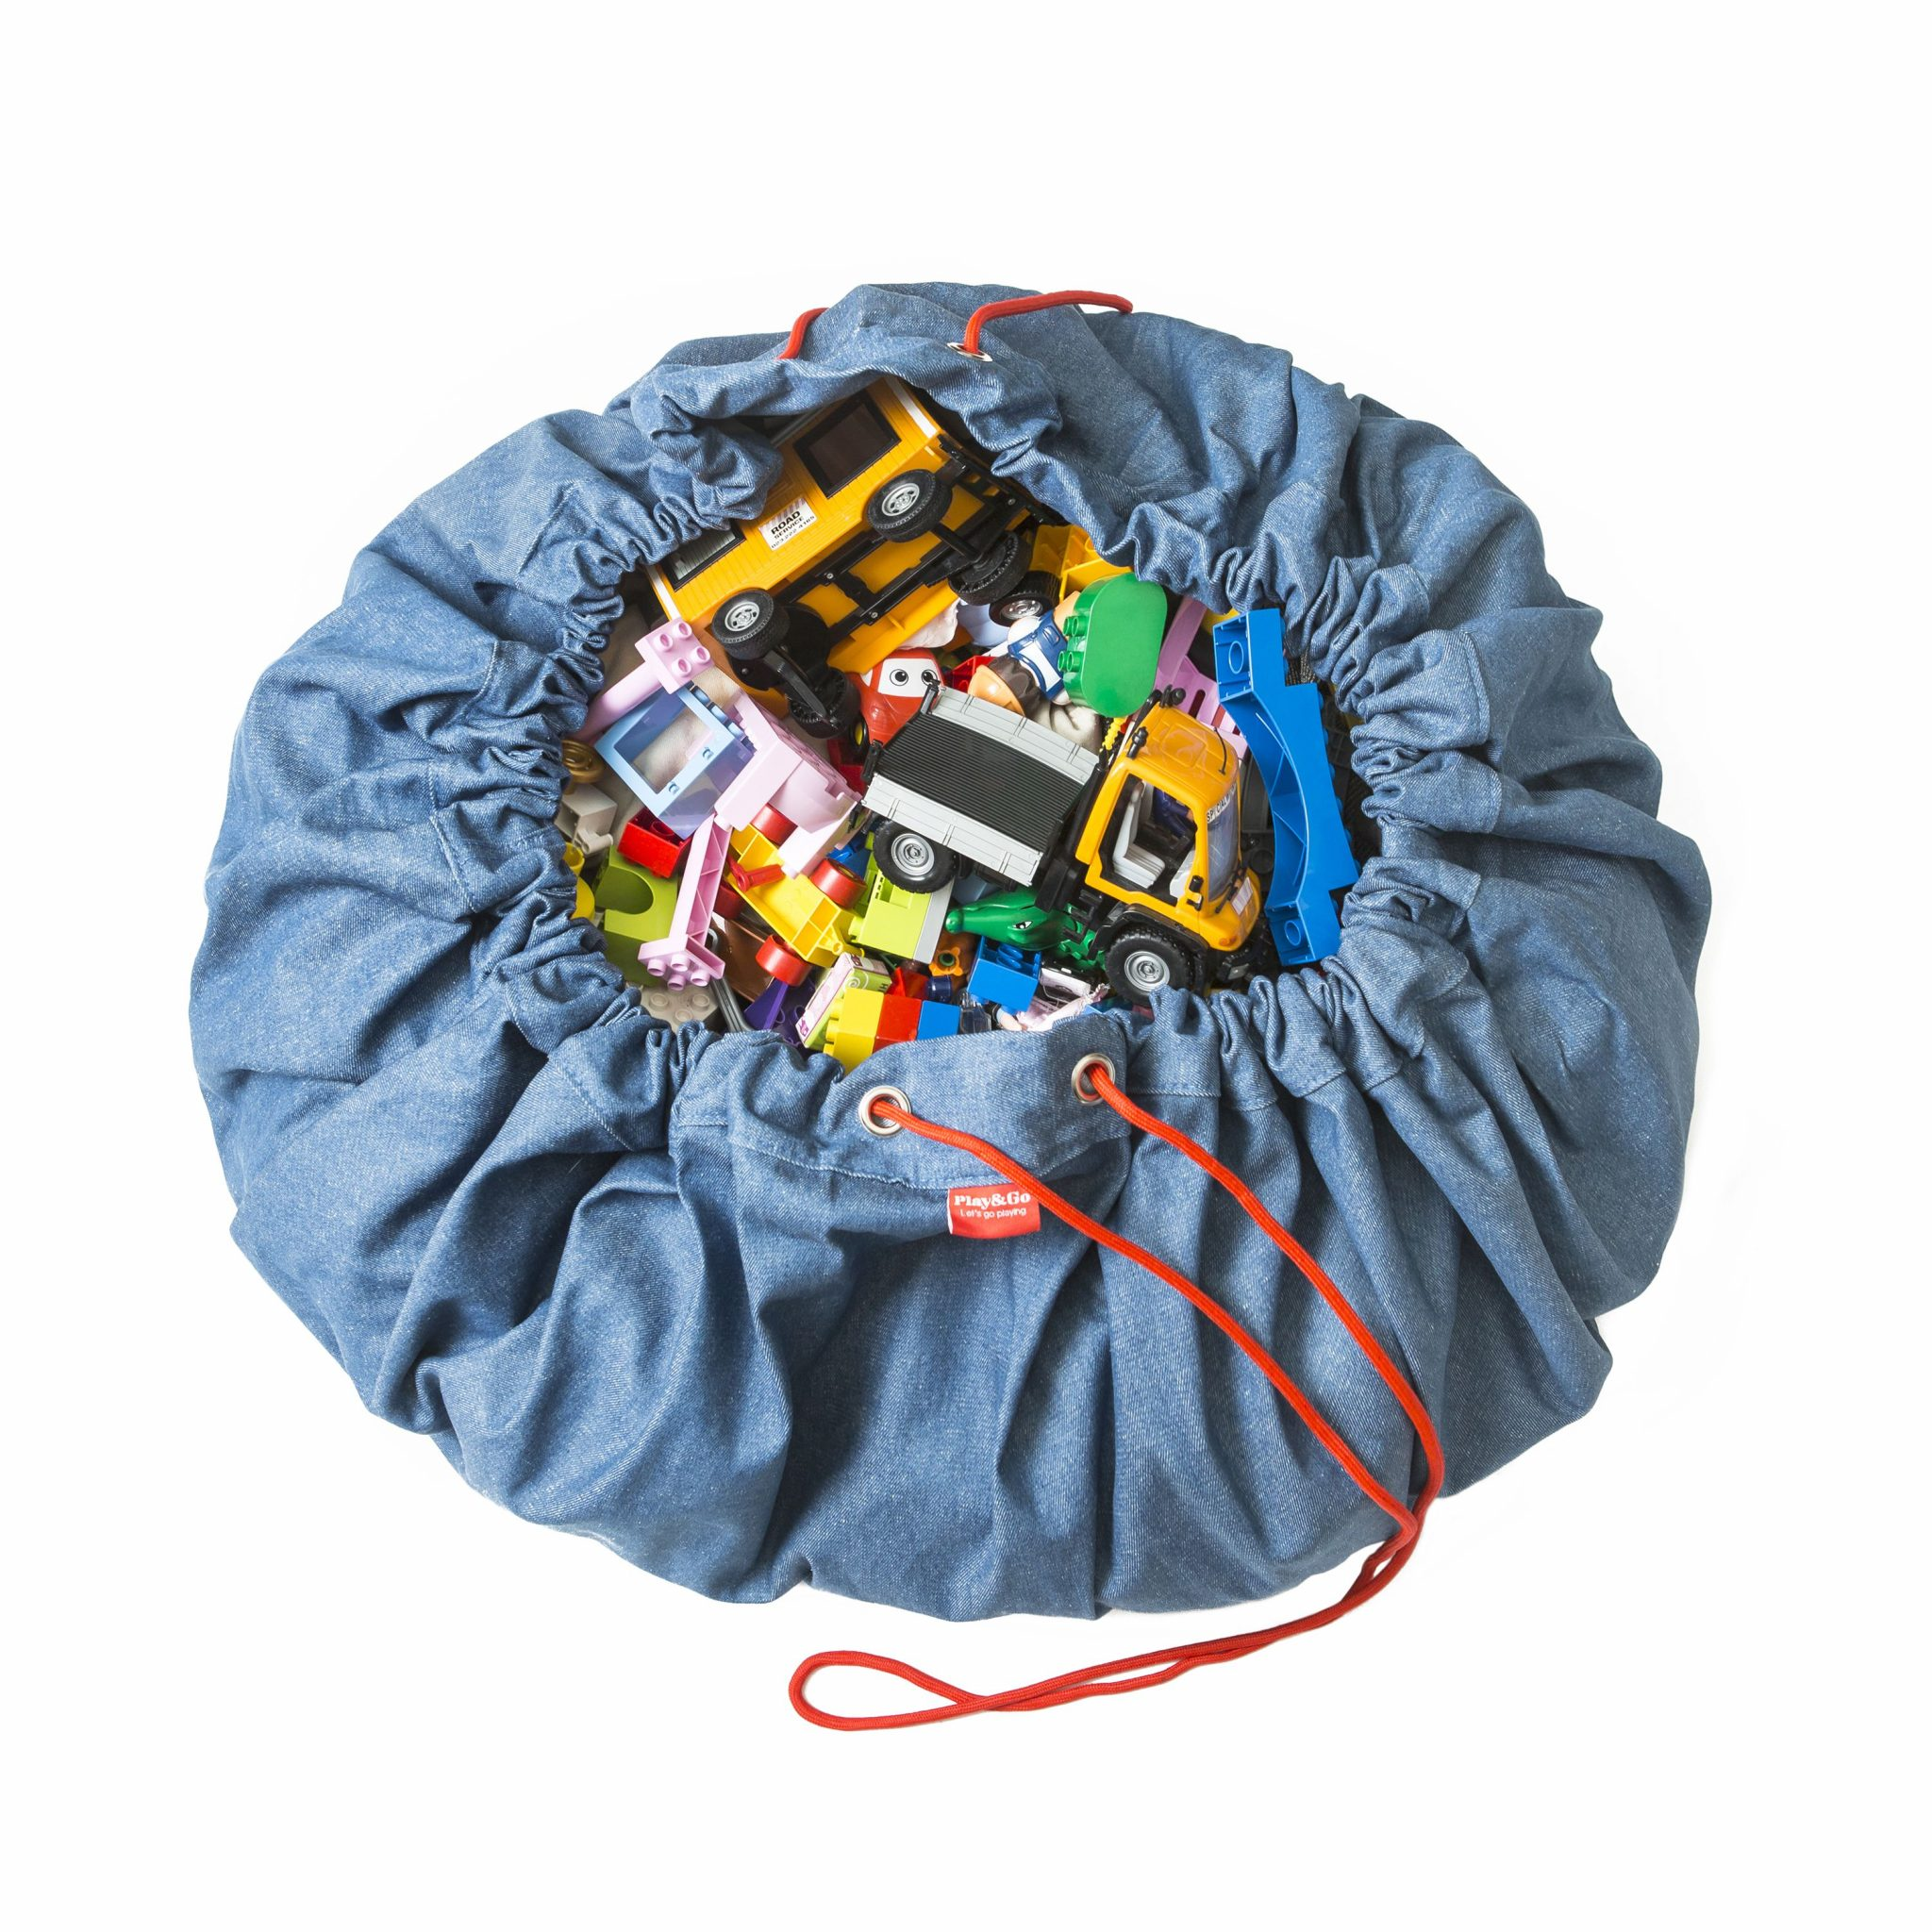 比利時 play & go 玩具整理袋 (經典牛仔)